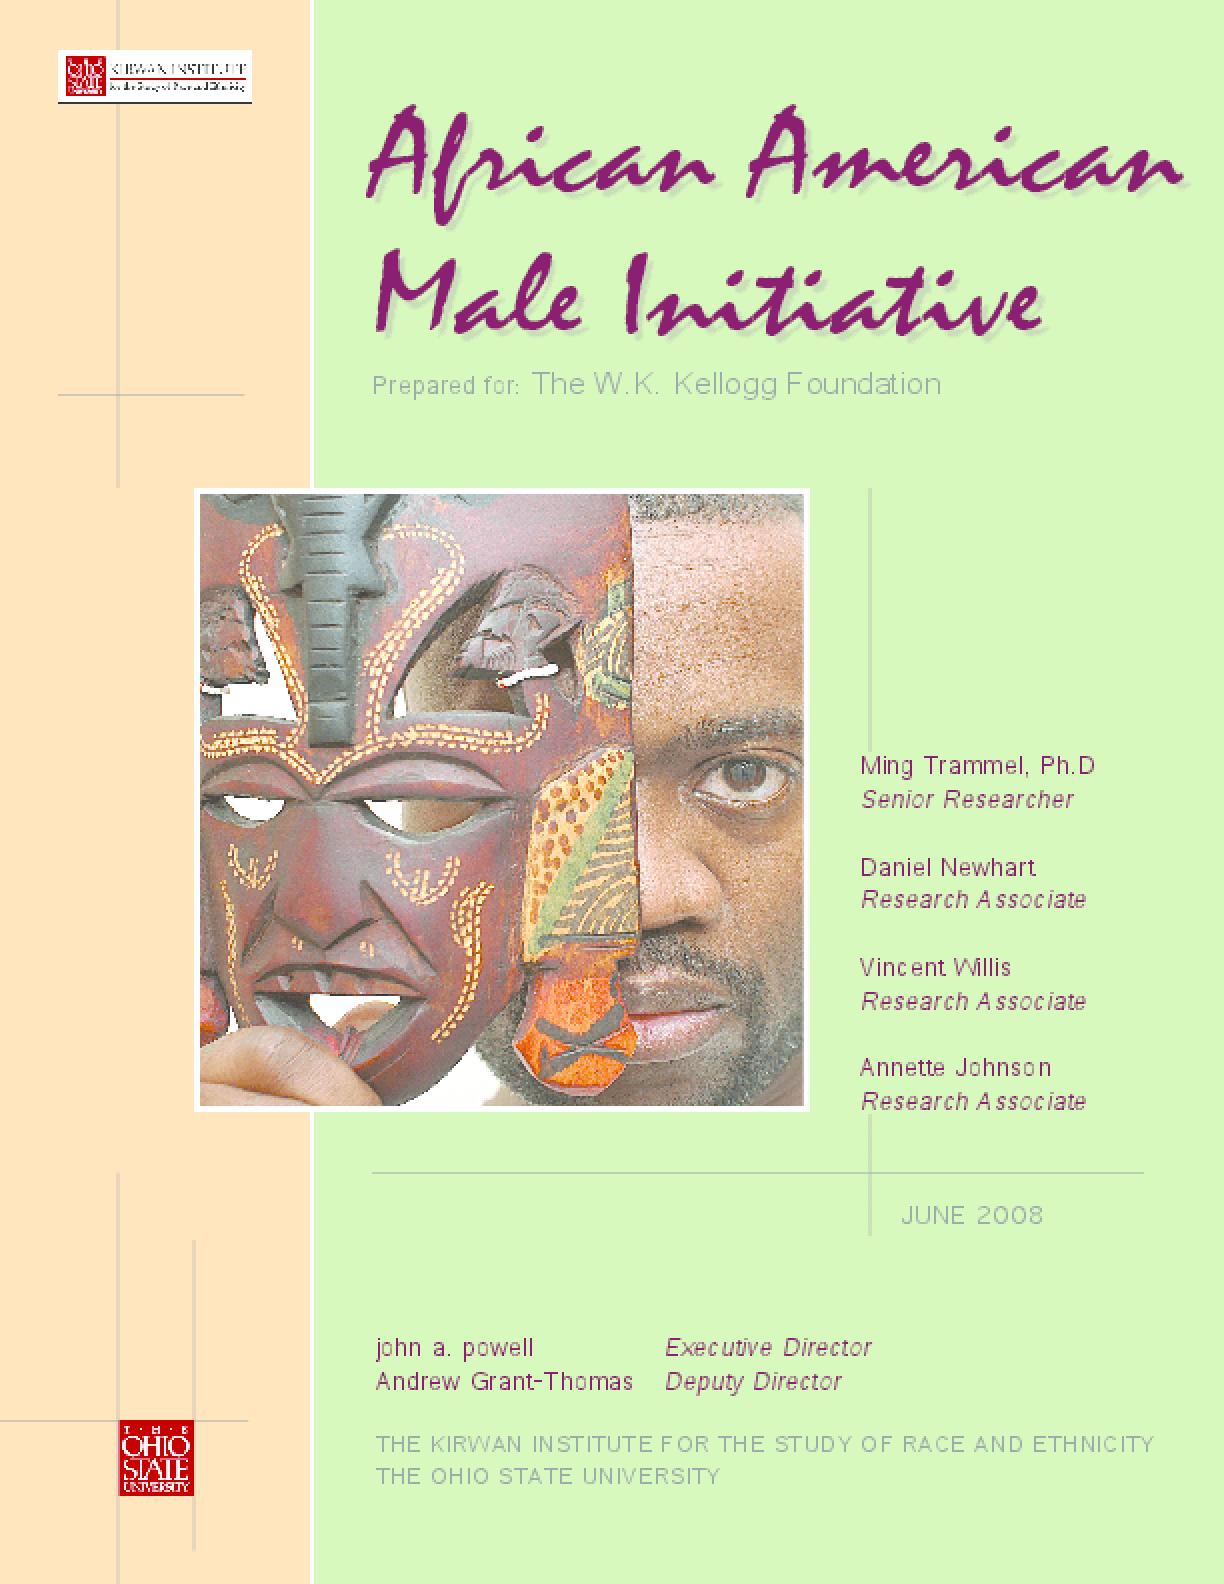 African American Male Initiative